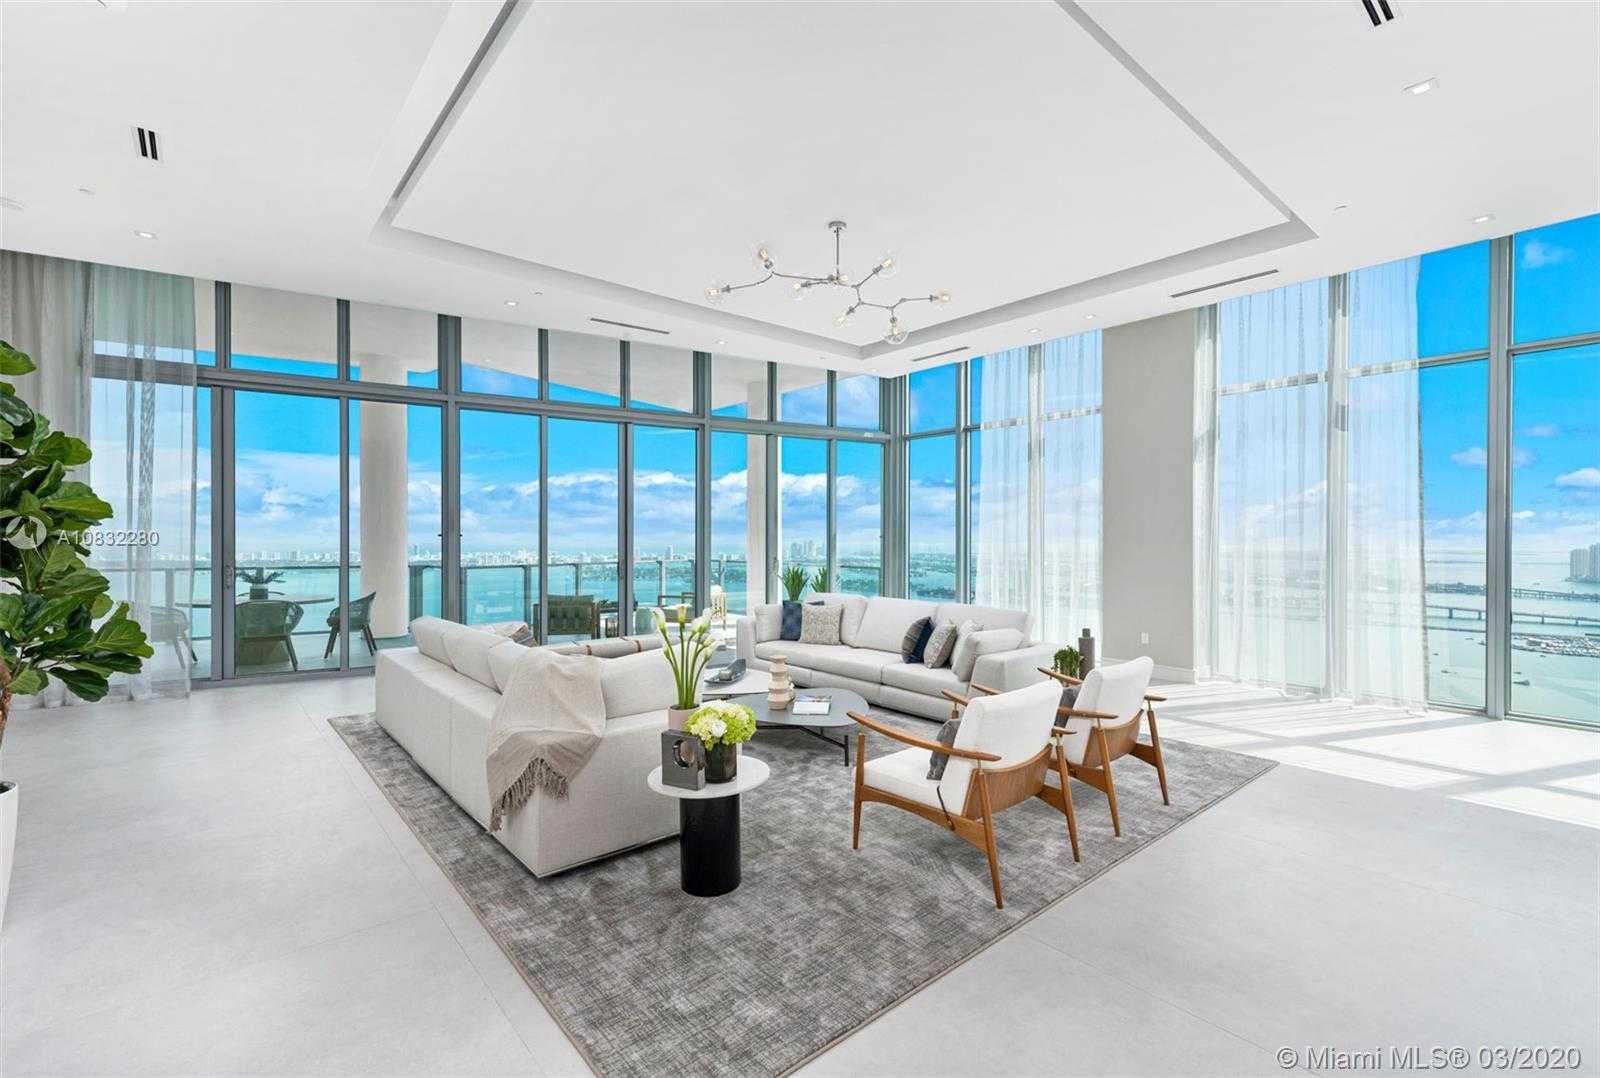 Appartement Miami  -  ref MIA344237030 (picture 1)